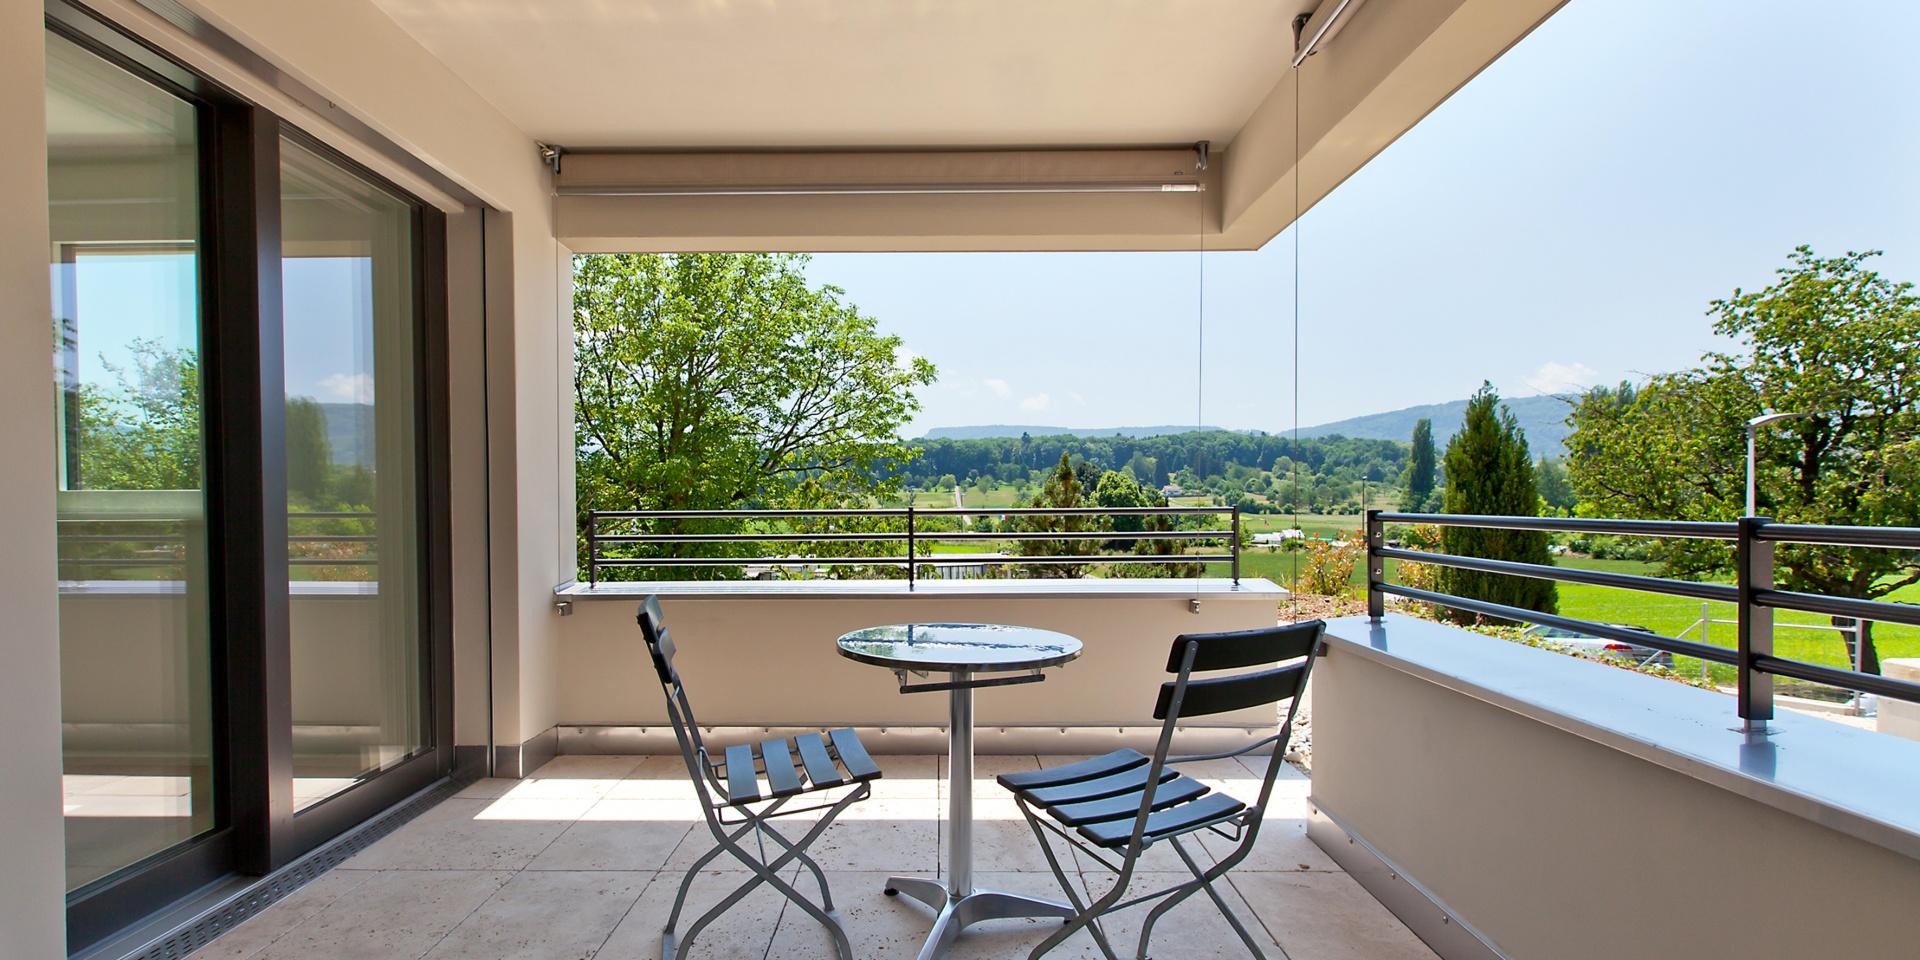 Rebberg_Terrasse  © Architektur Rolf Stalder AG - Christian Roth